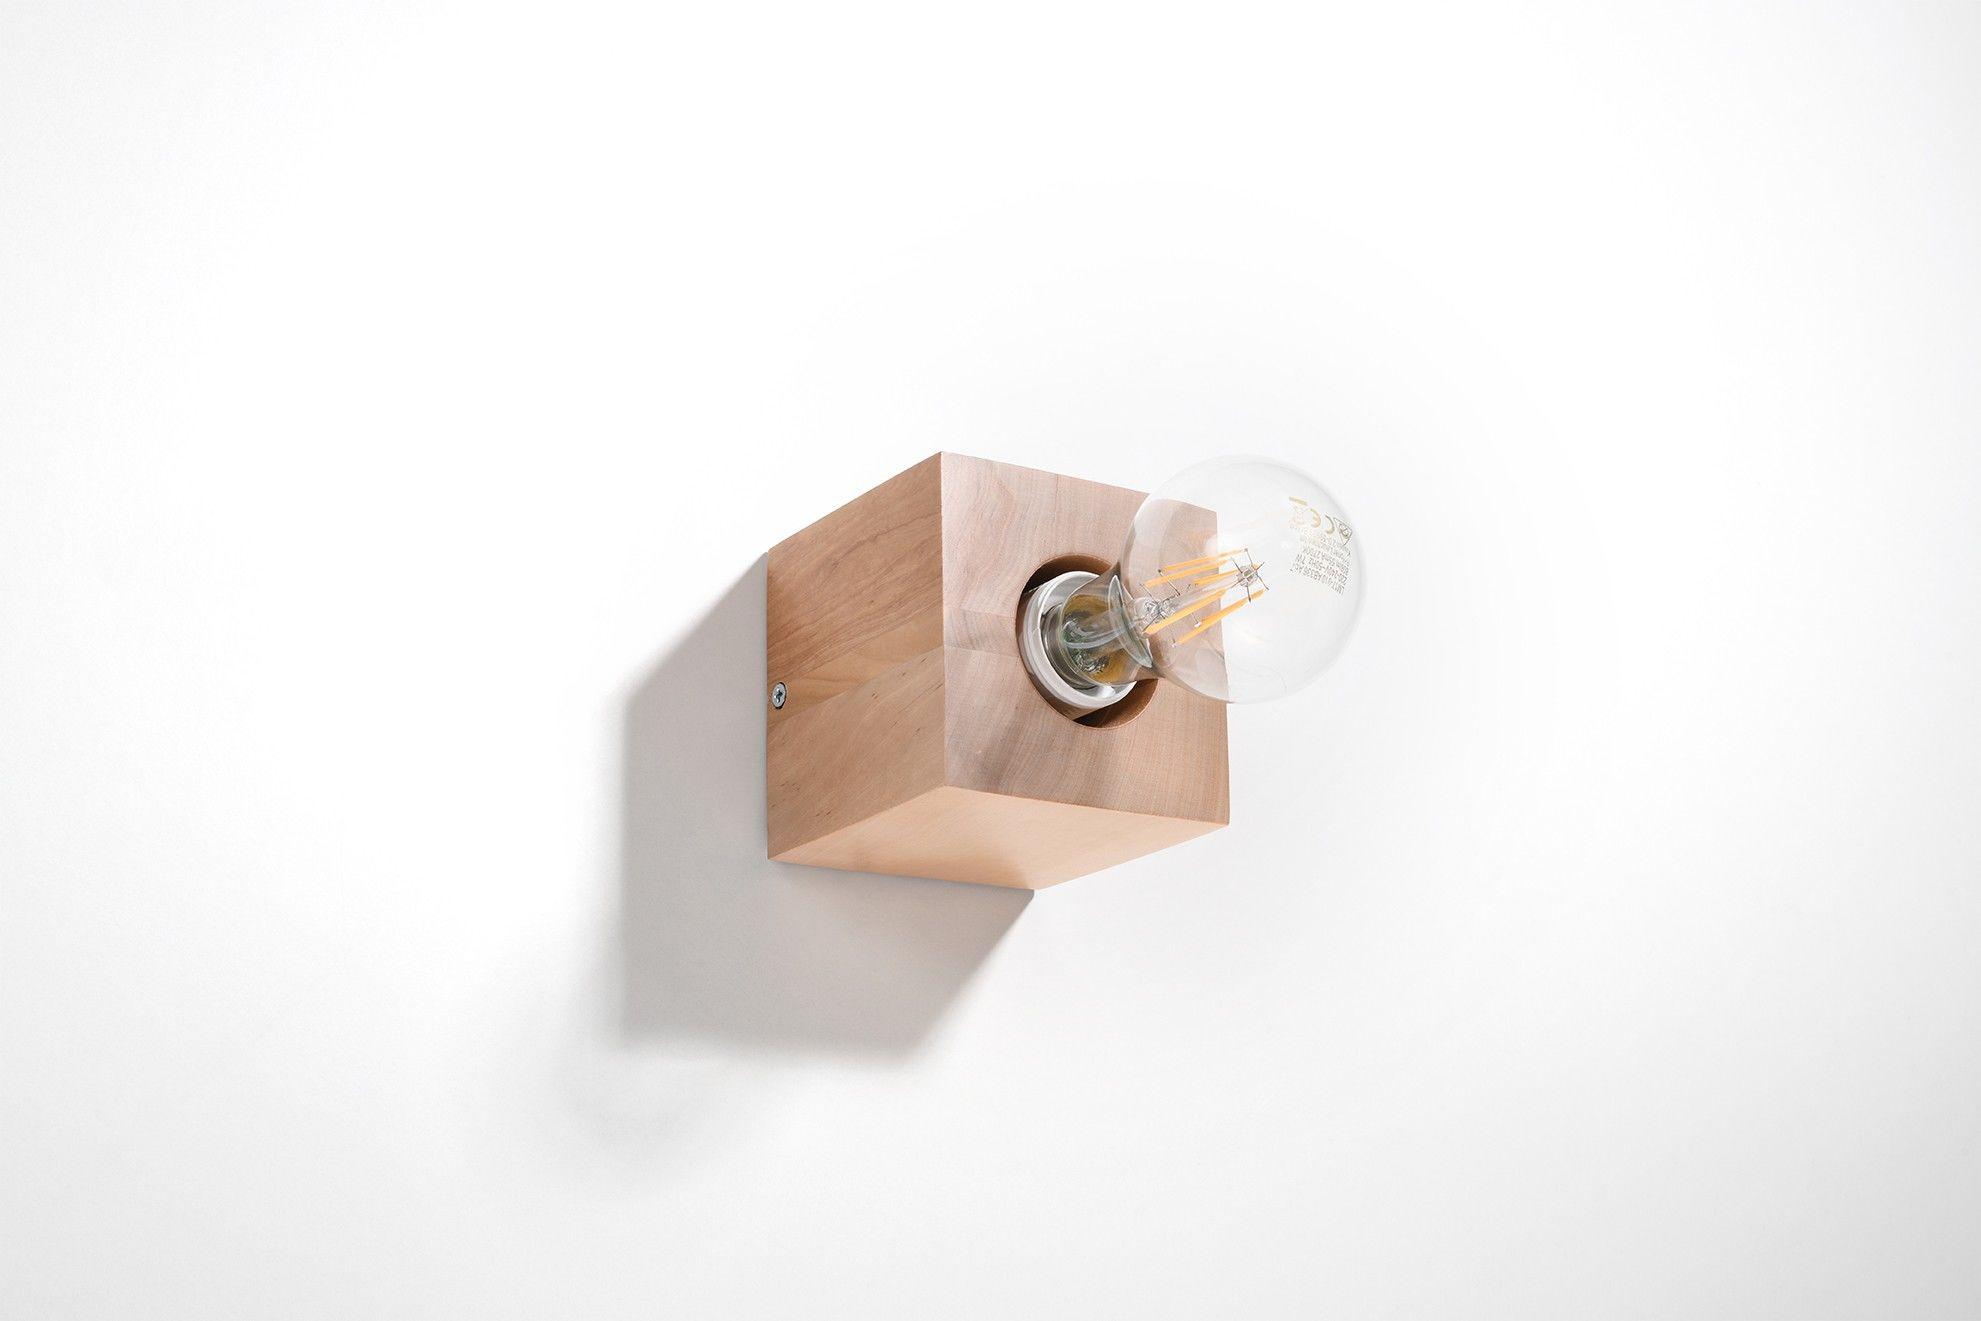 Kinkiet ABEL naturalne drewno SL.0676 - Sollux Do -17% rabatu w koszyku i darmowa dostawa od 299zł !